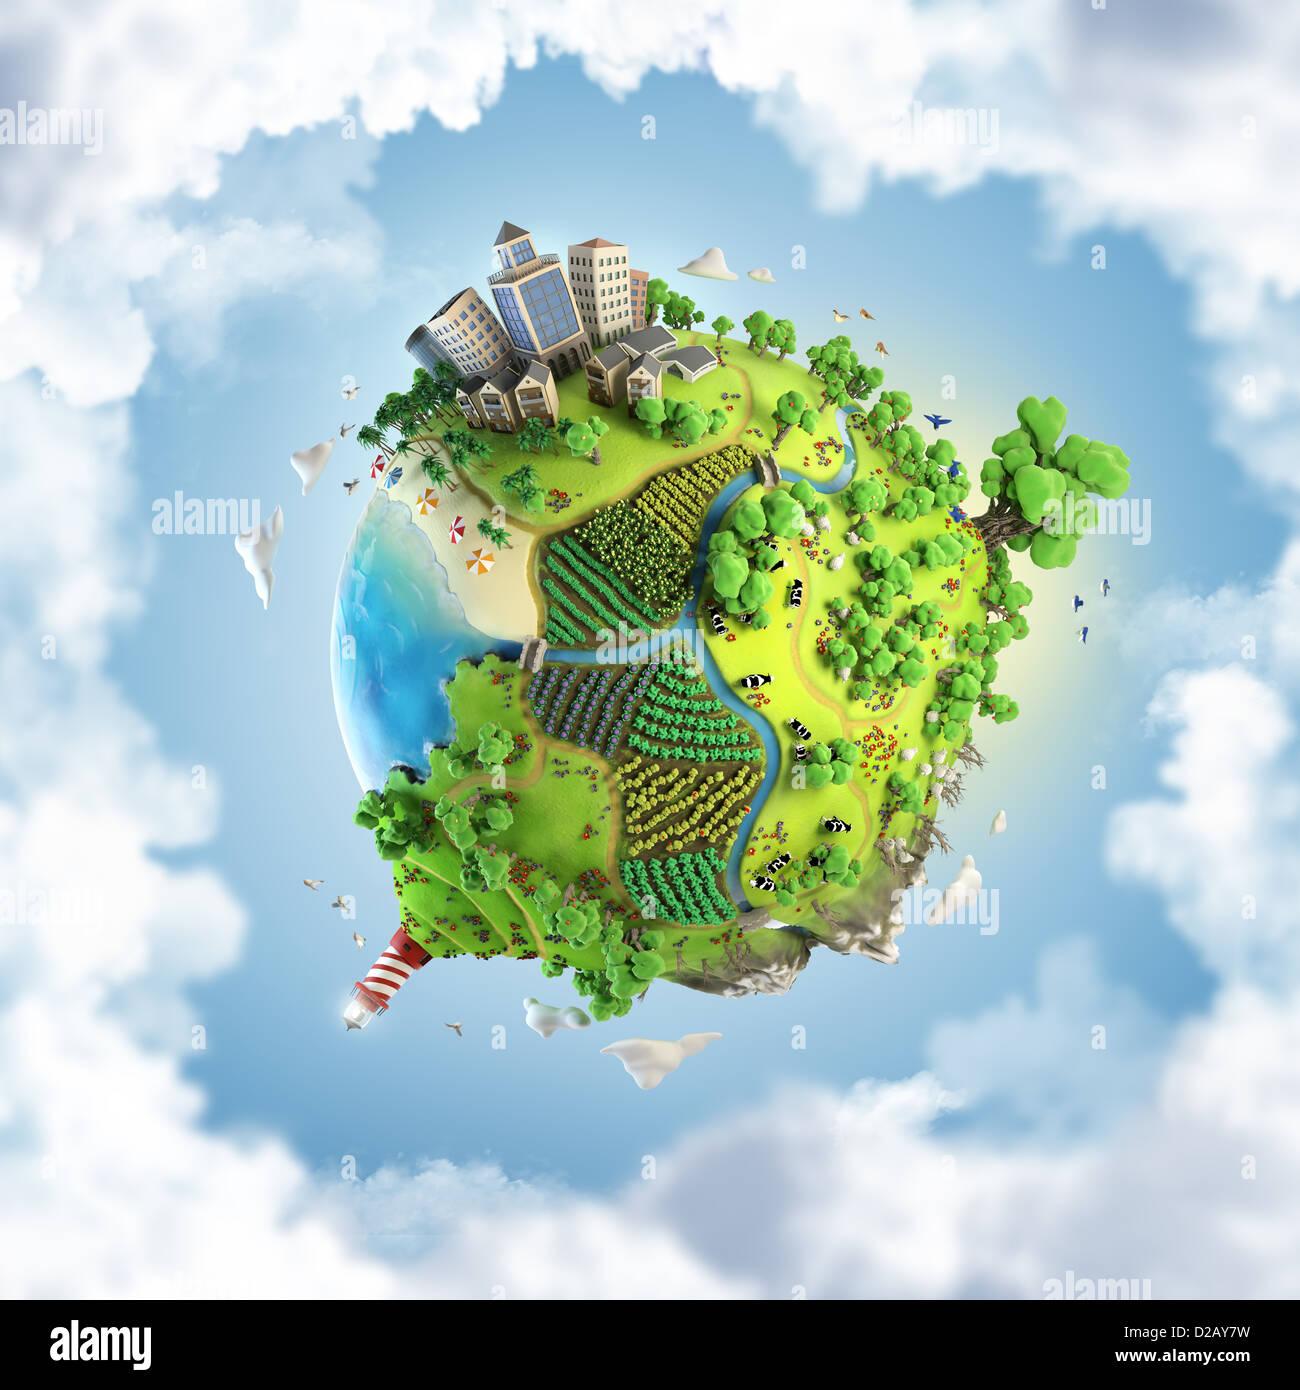 Globus-Konzept zeigt einen grünen, ruhigen und idyllischen Lebensstil in der Welt im Cartoon-Stil Stockbild